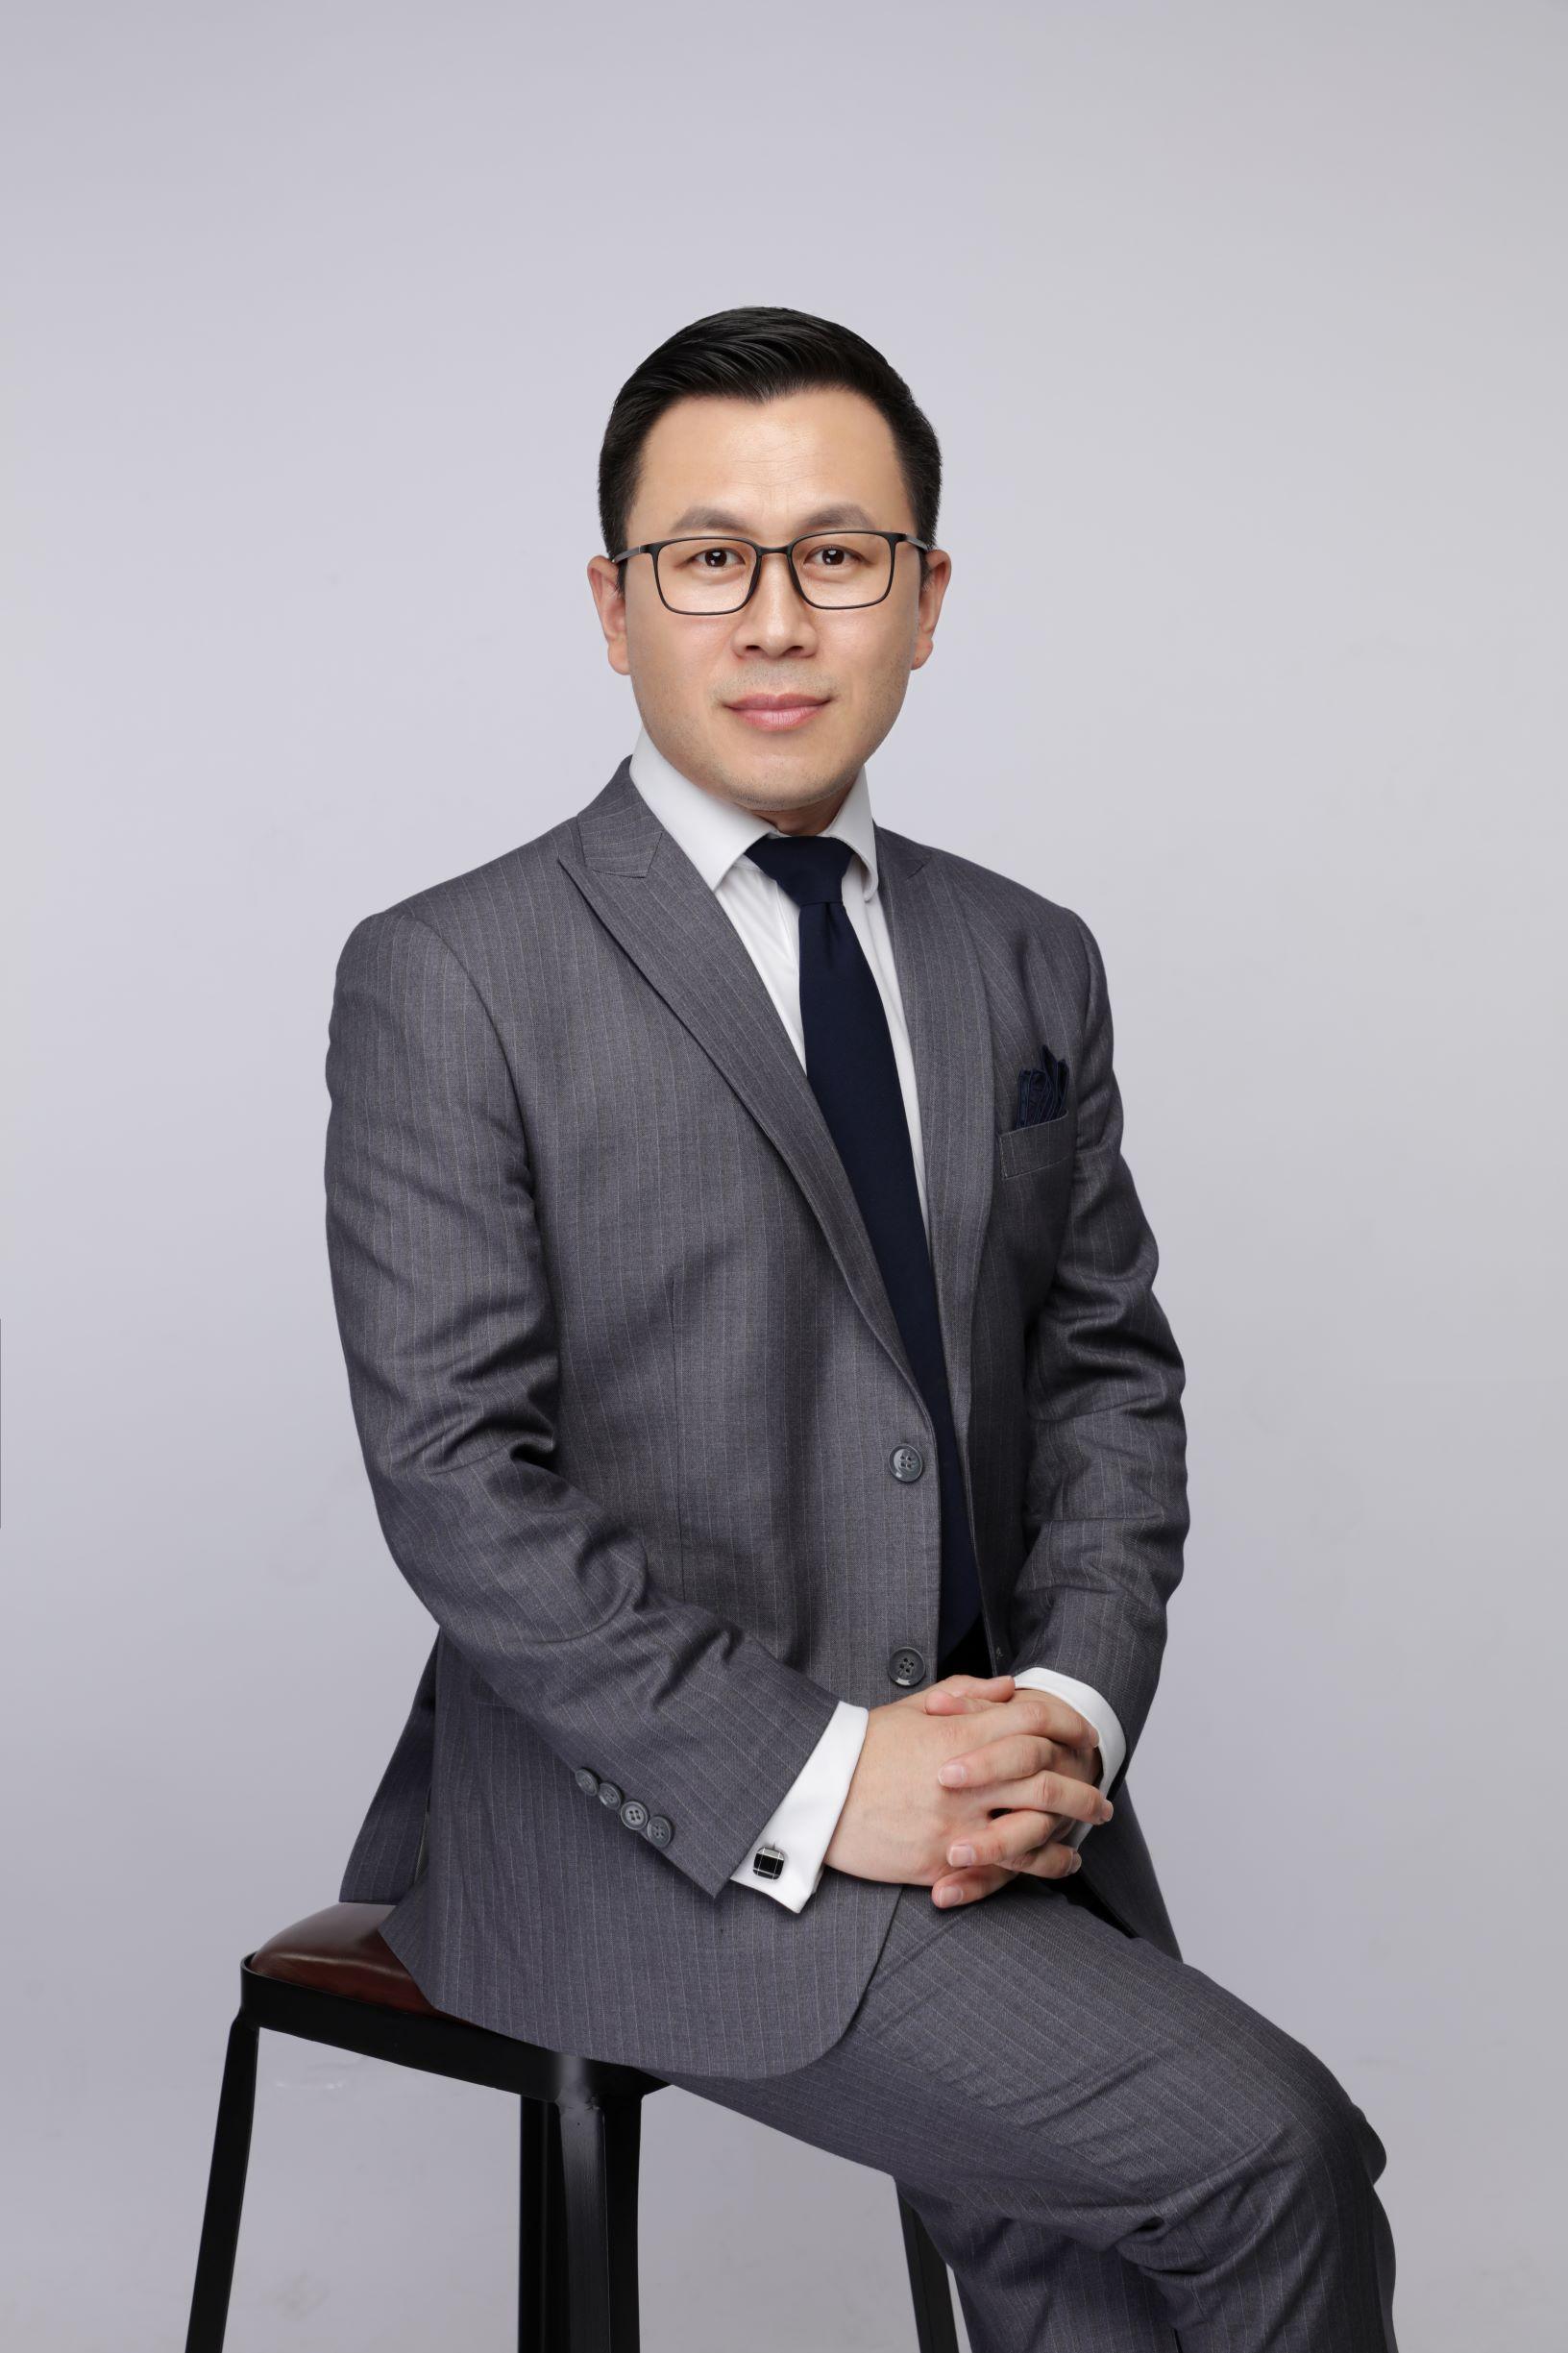 英飞凌科技任命曹彦飞担任大中华区副总裁兼汽车电子事业部负责人